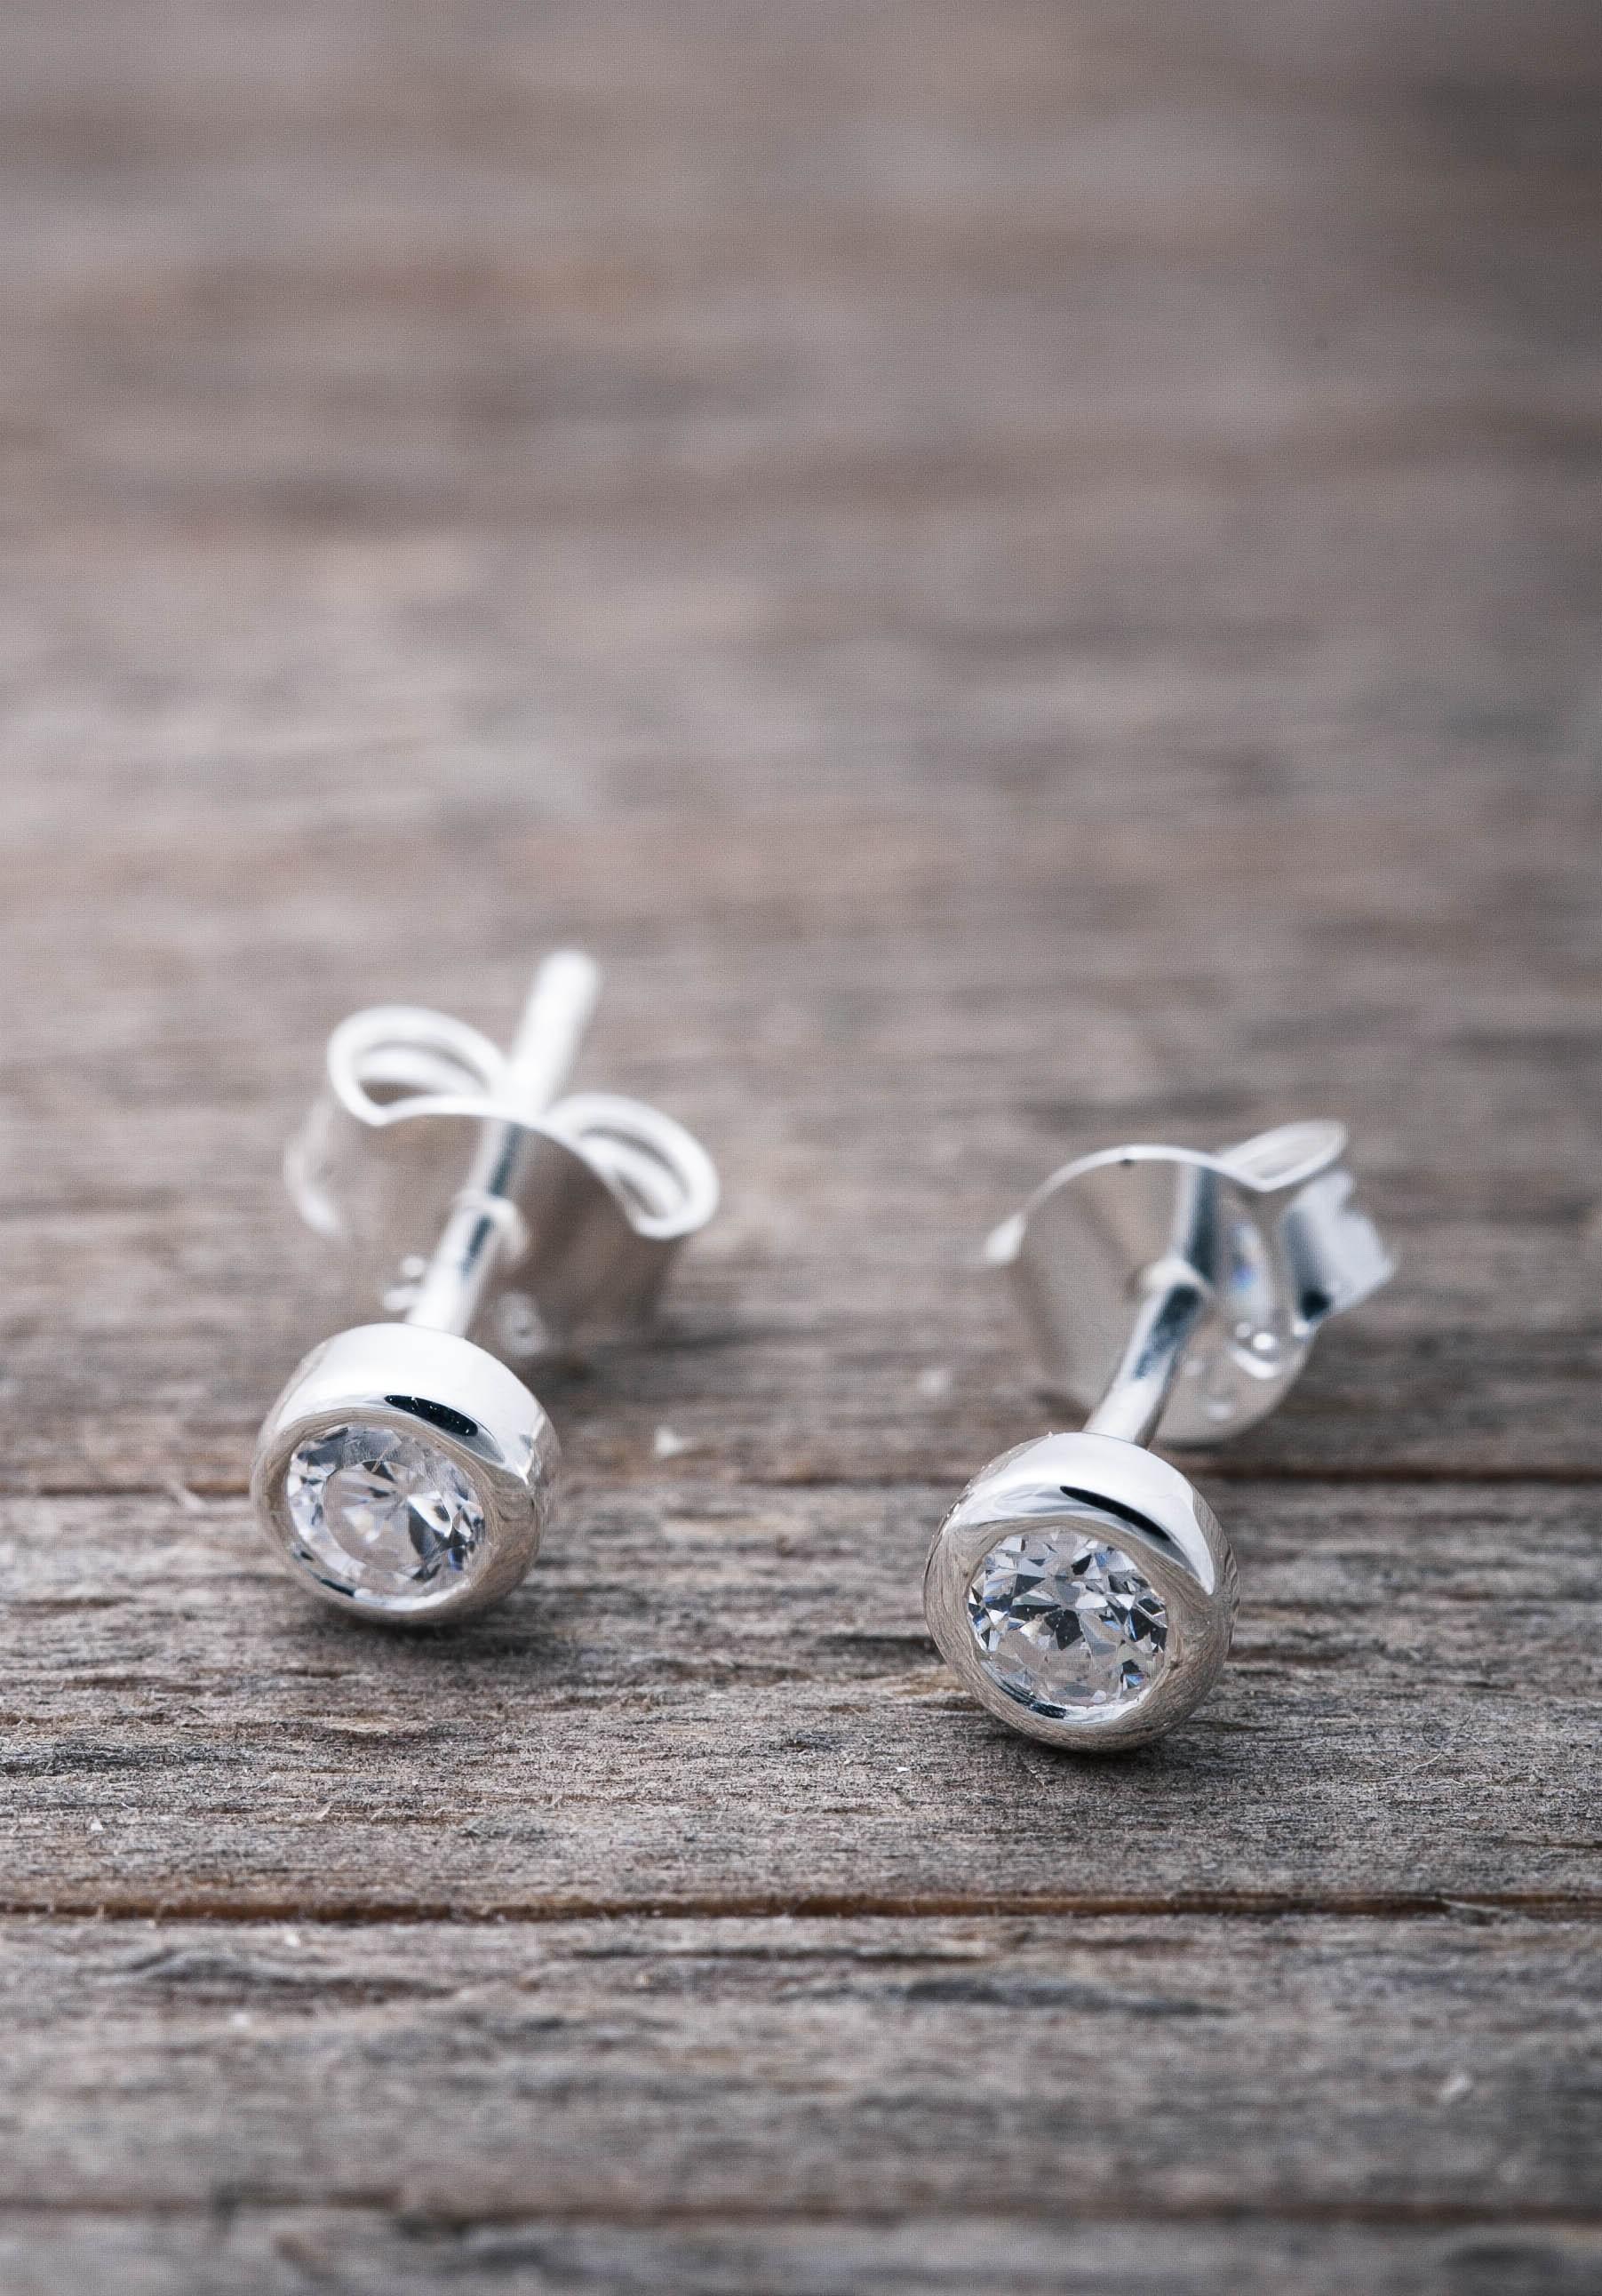 ac4a8ac41 Silver earrings c/z stone - Faith